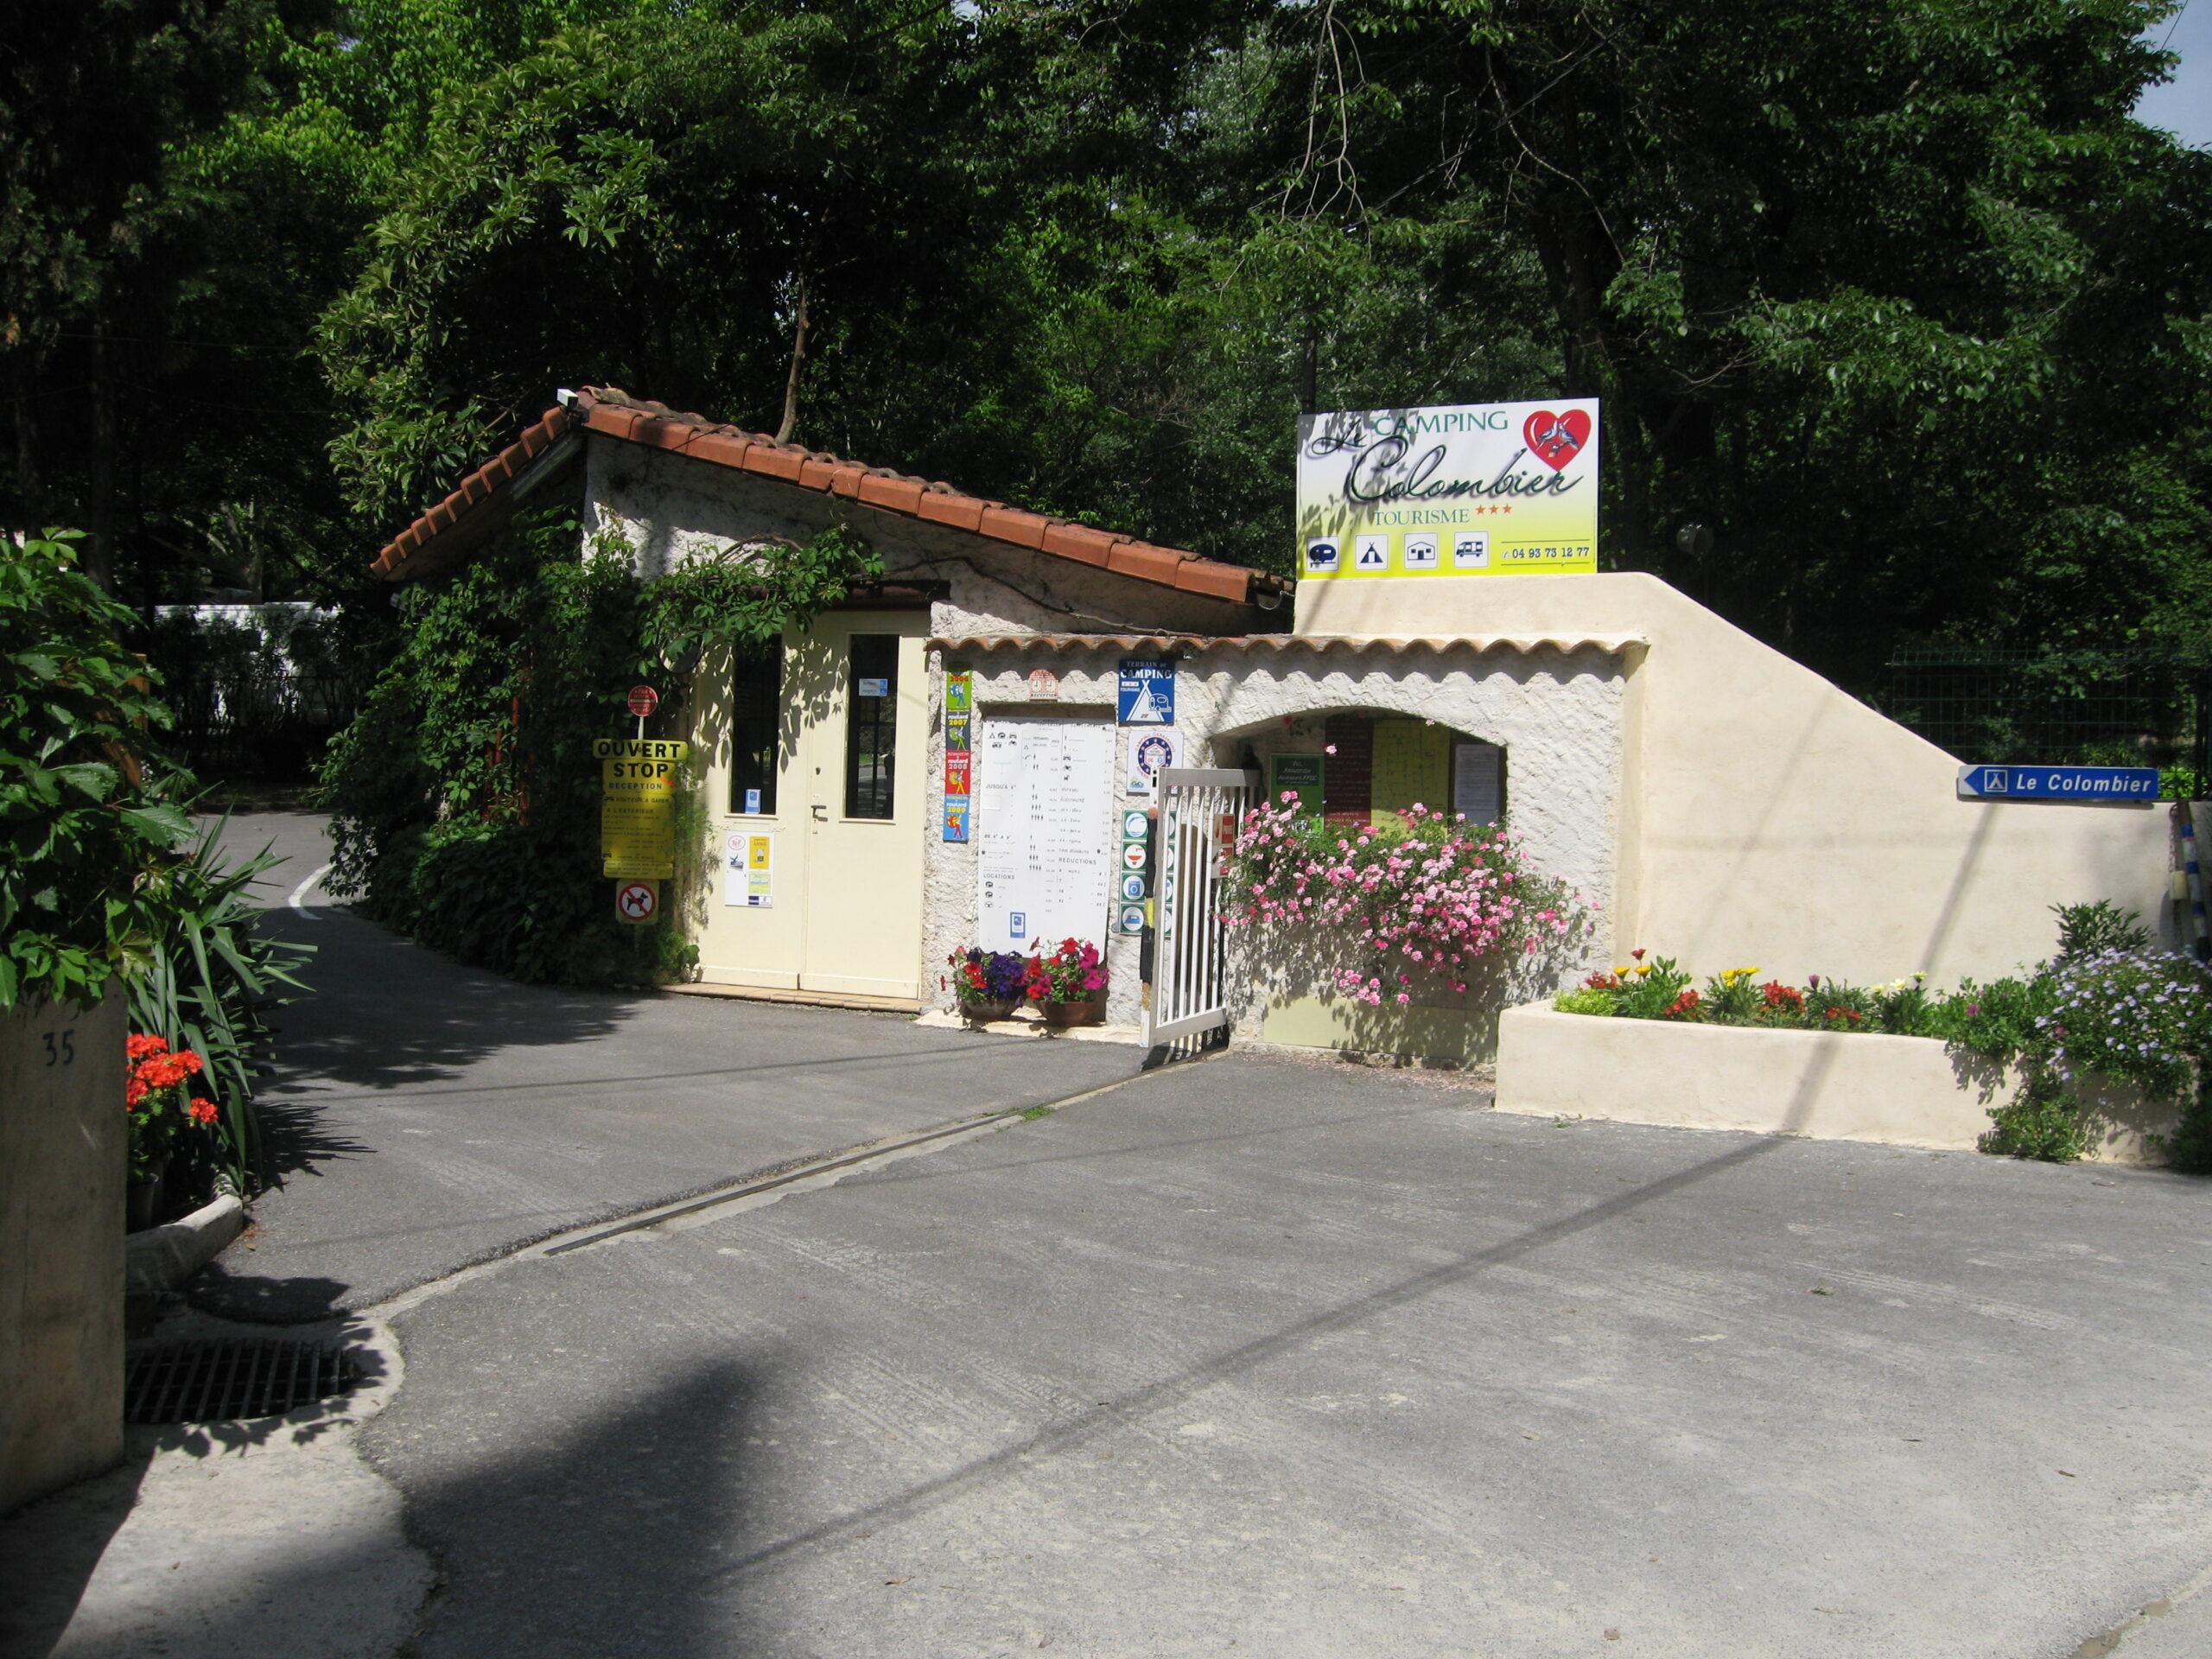 Camping - CaravaningLe Colombier